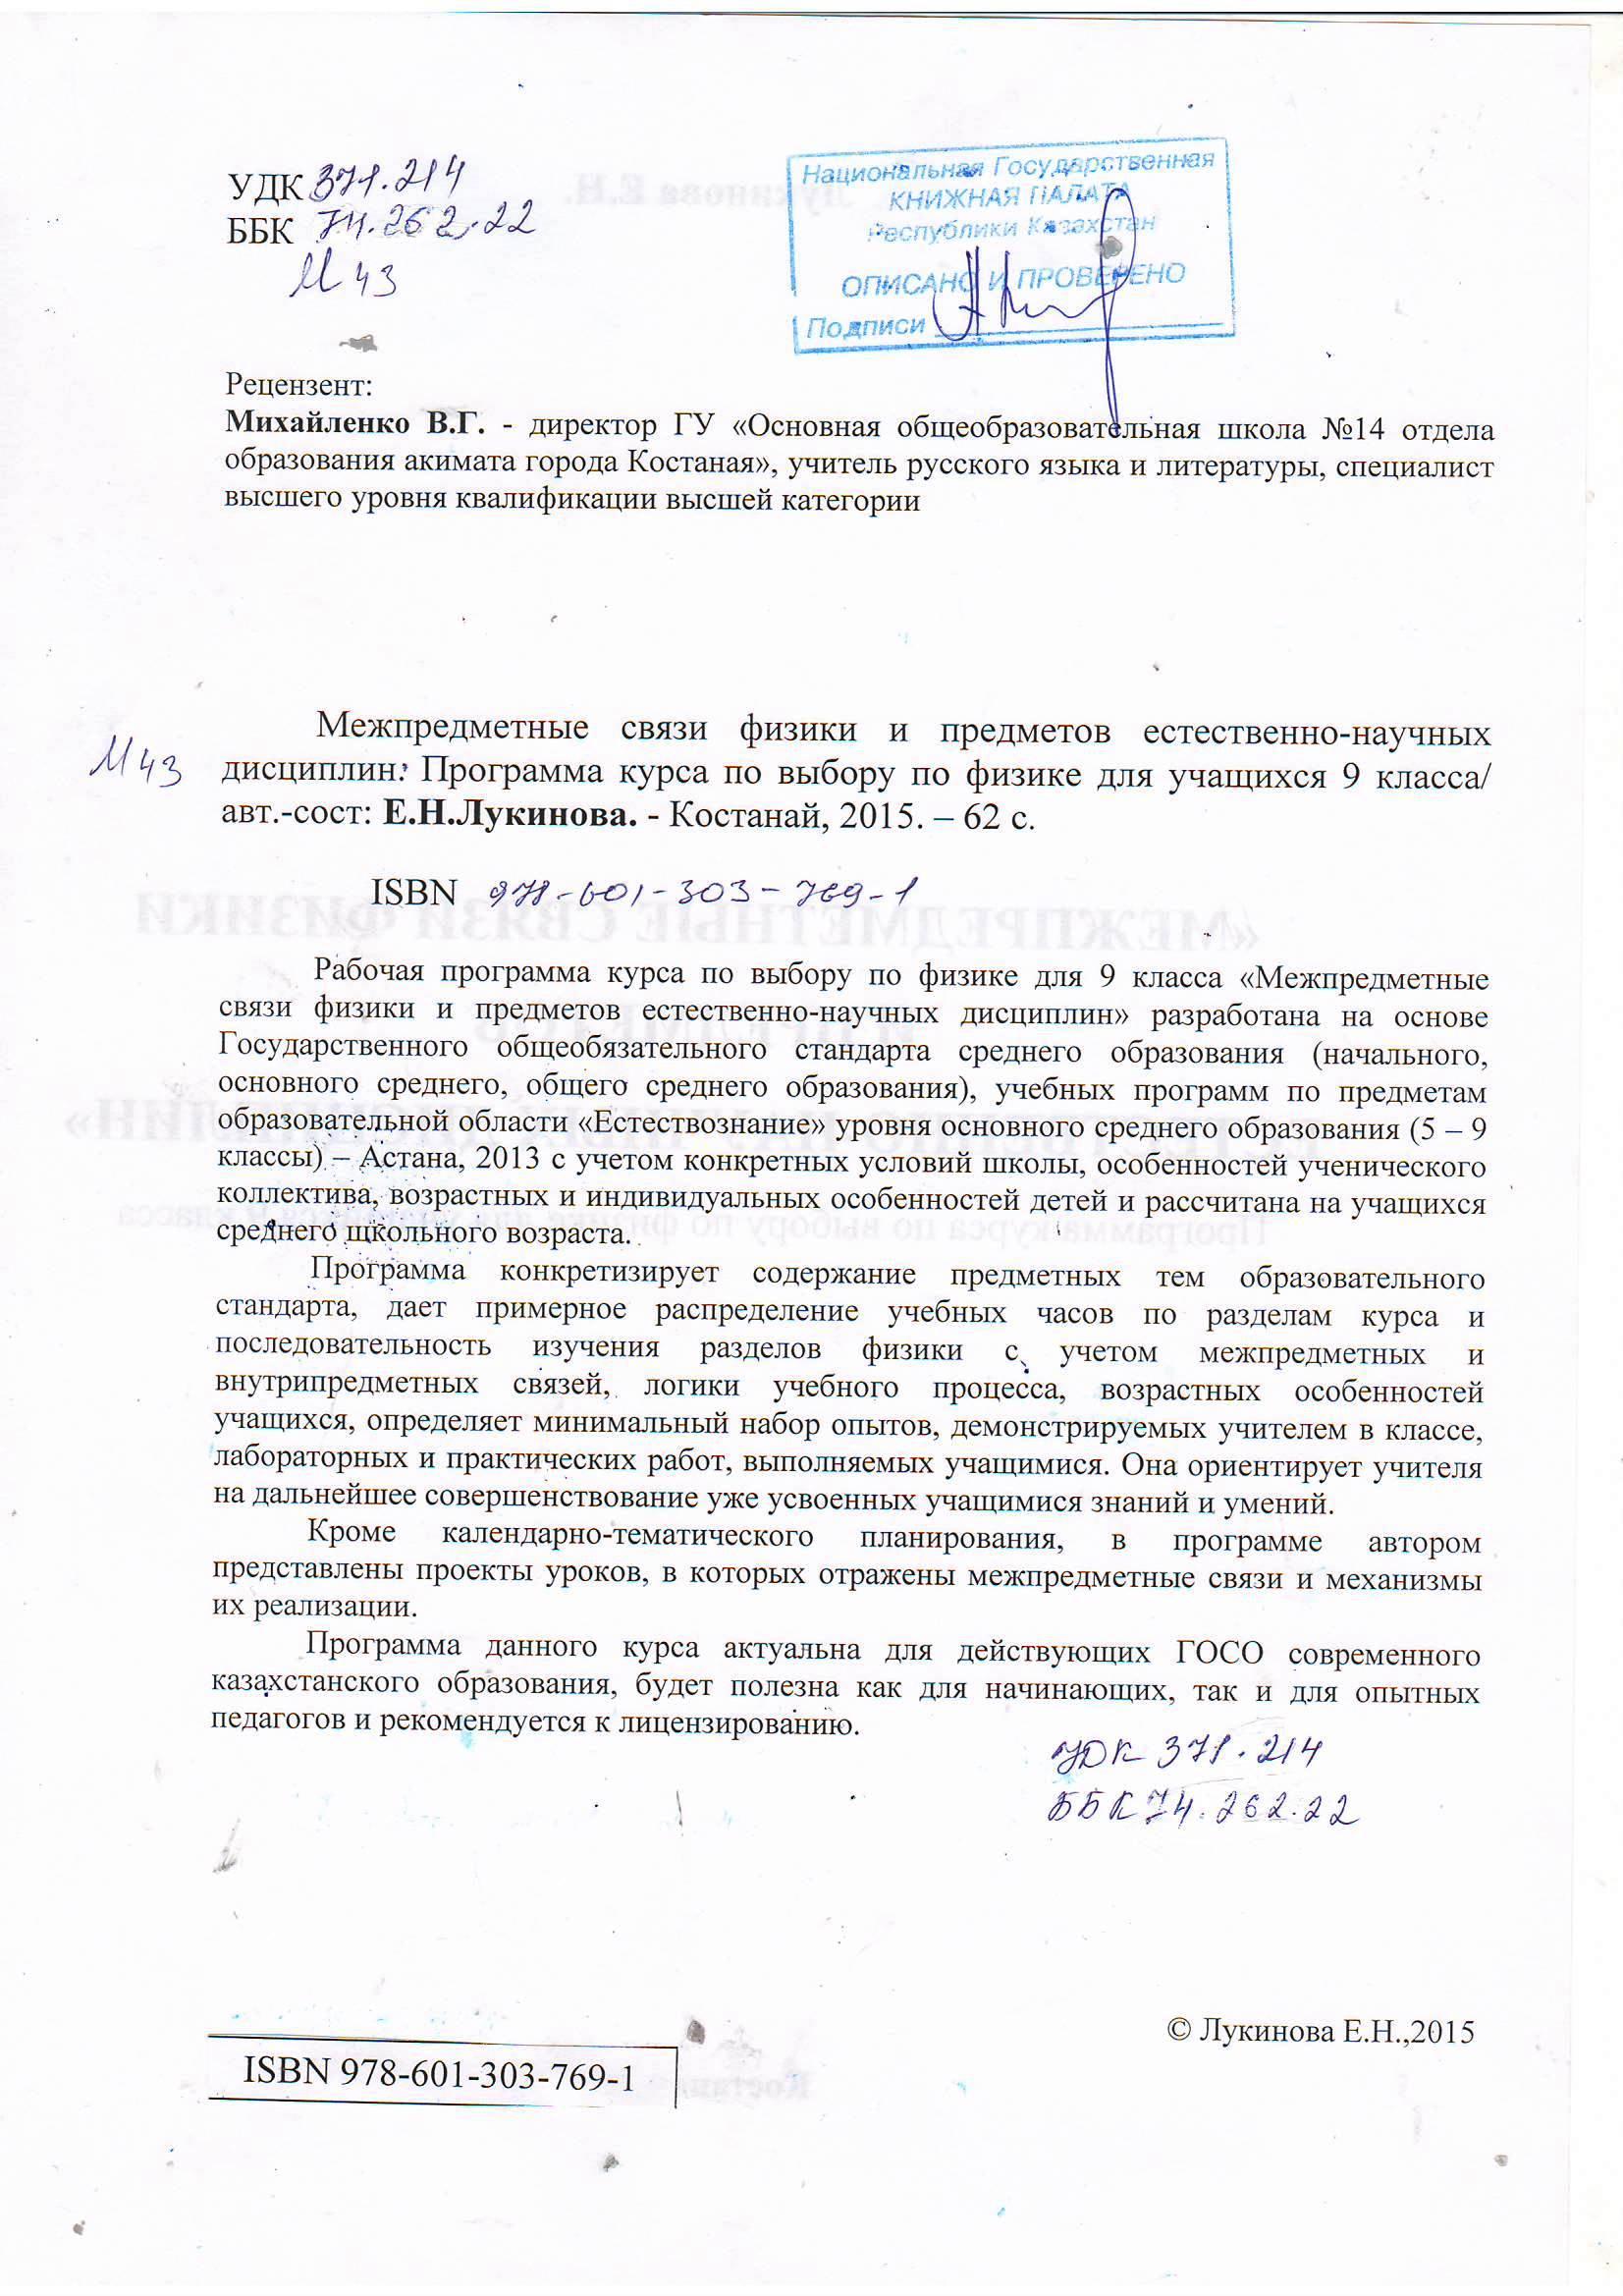 ISBN программа по физике 9 класс Лукинова 18.08.2015.JPG